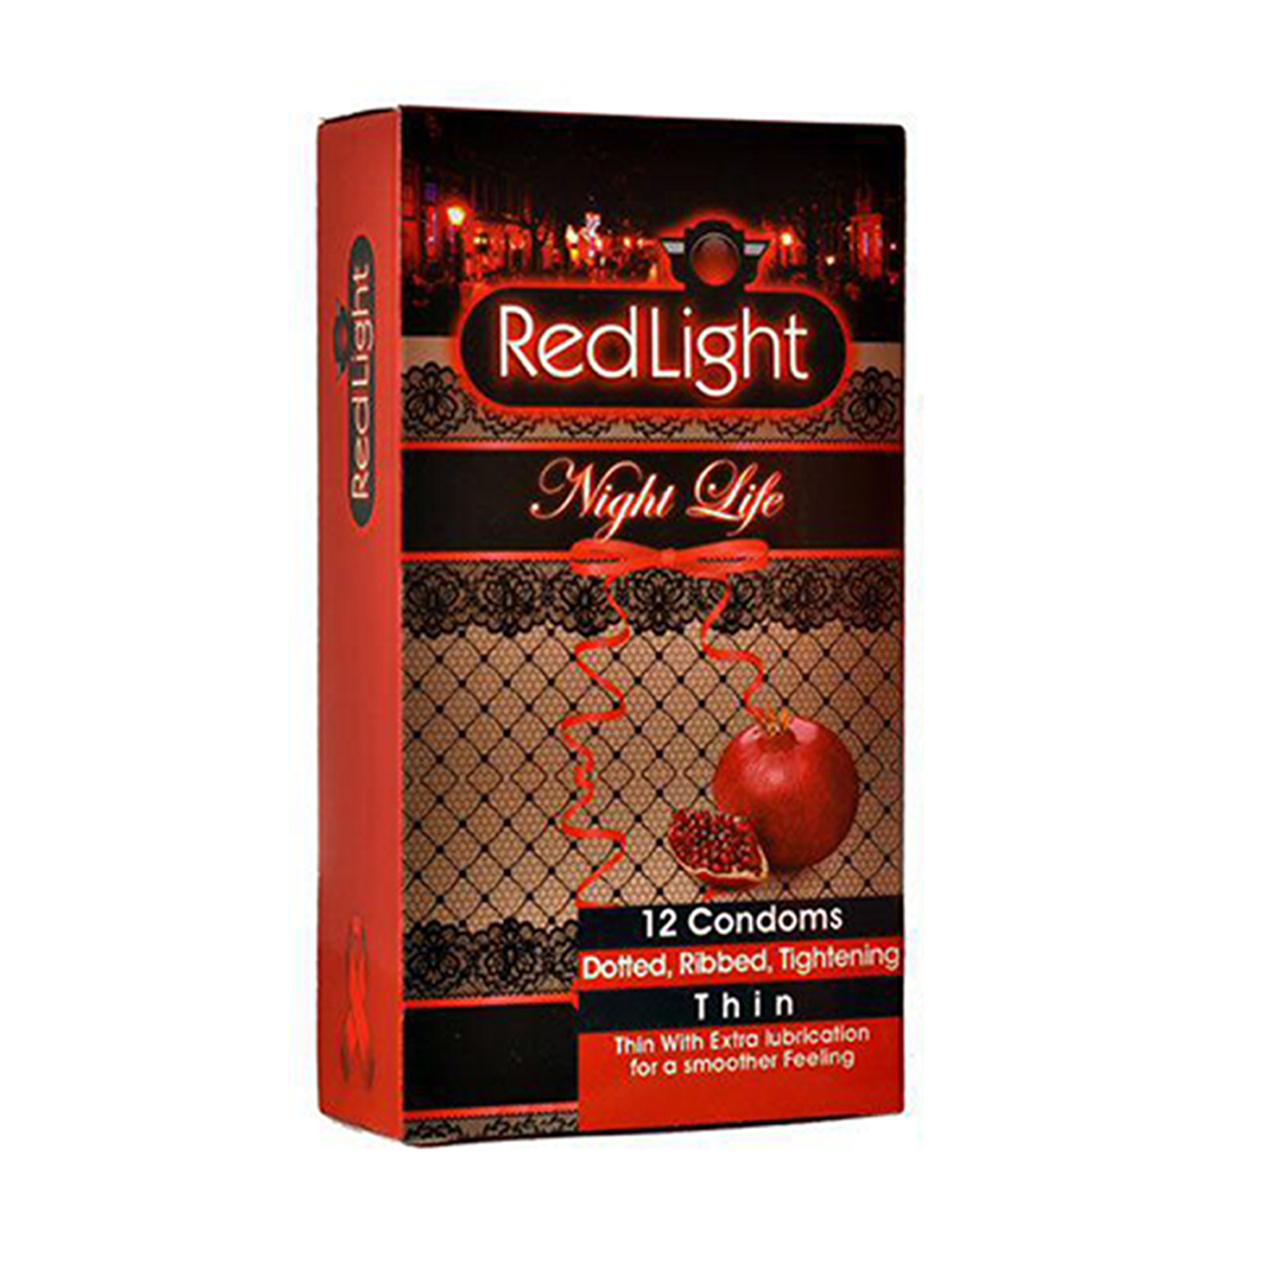 کاندوم ردلایت مدل Night Life بسته 12 عددی به همراه کاندوم ساگامی مدل لارج مجموعه 3 عددی